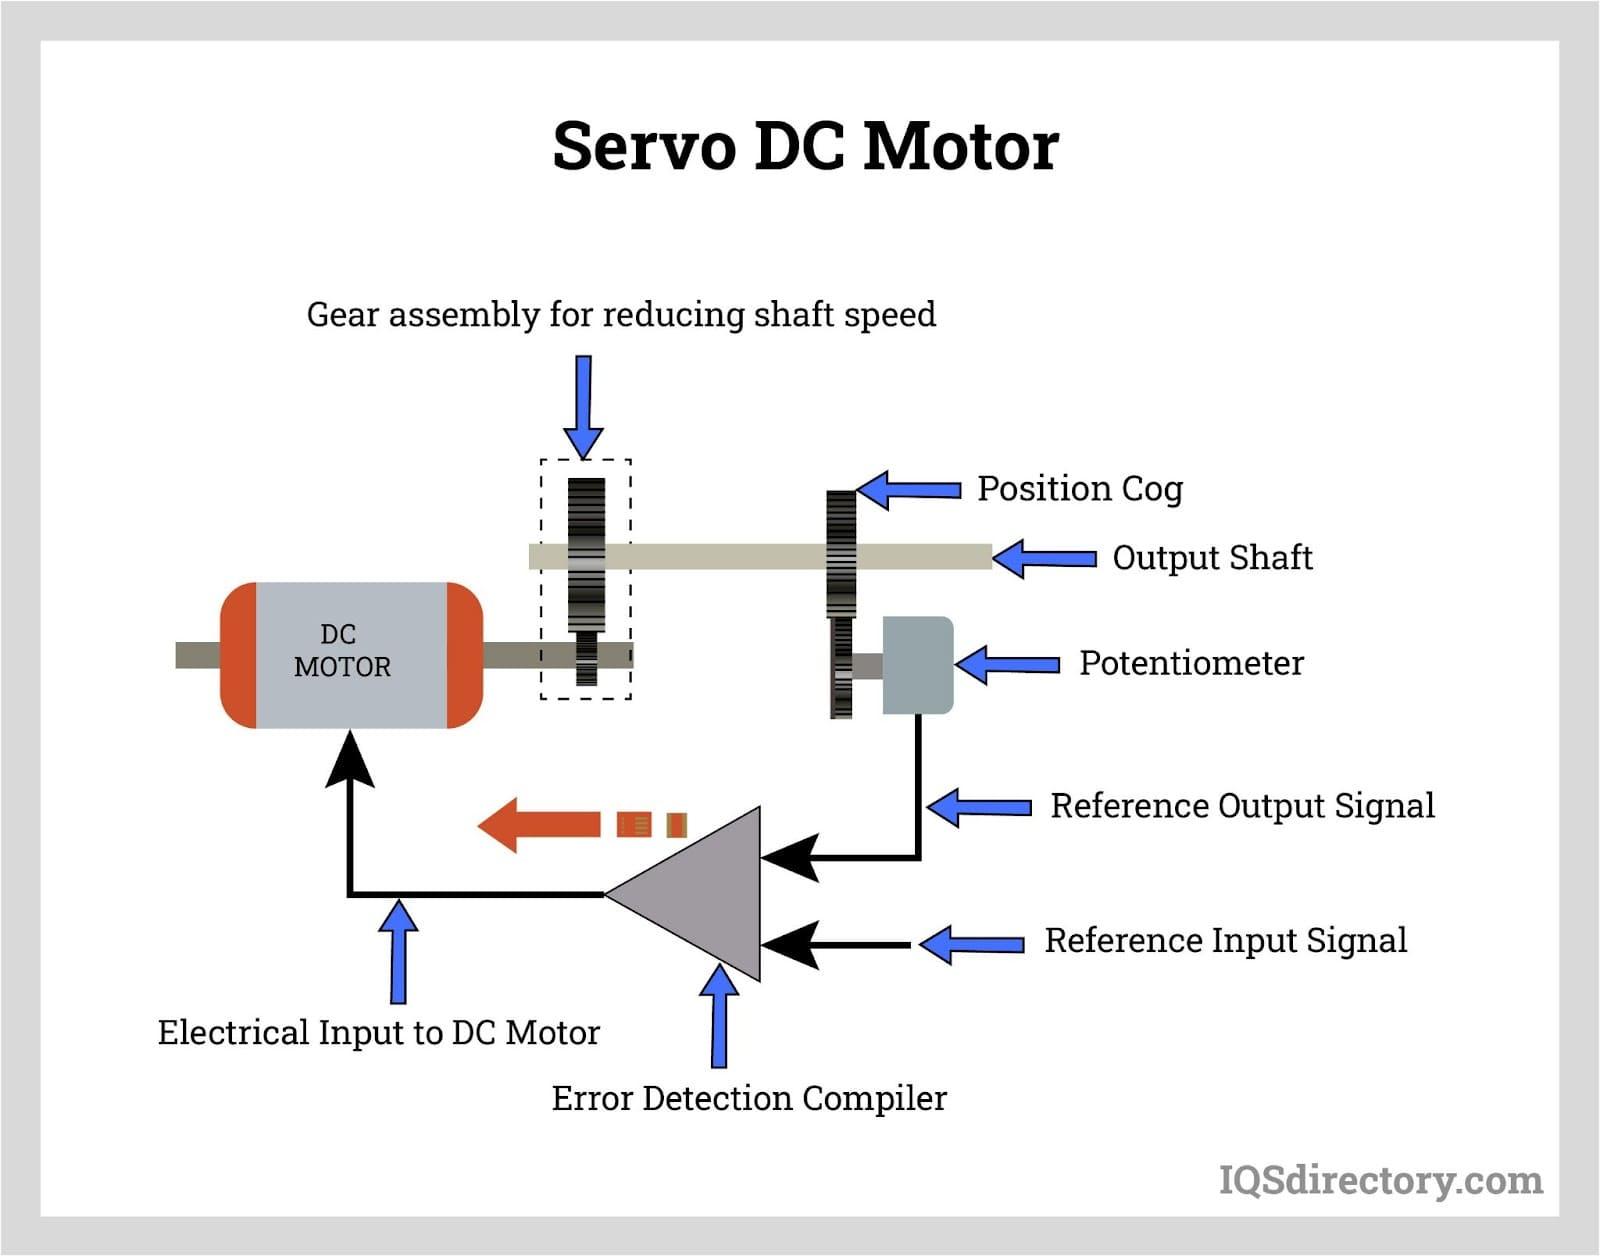 Servo DC Motor